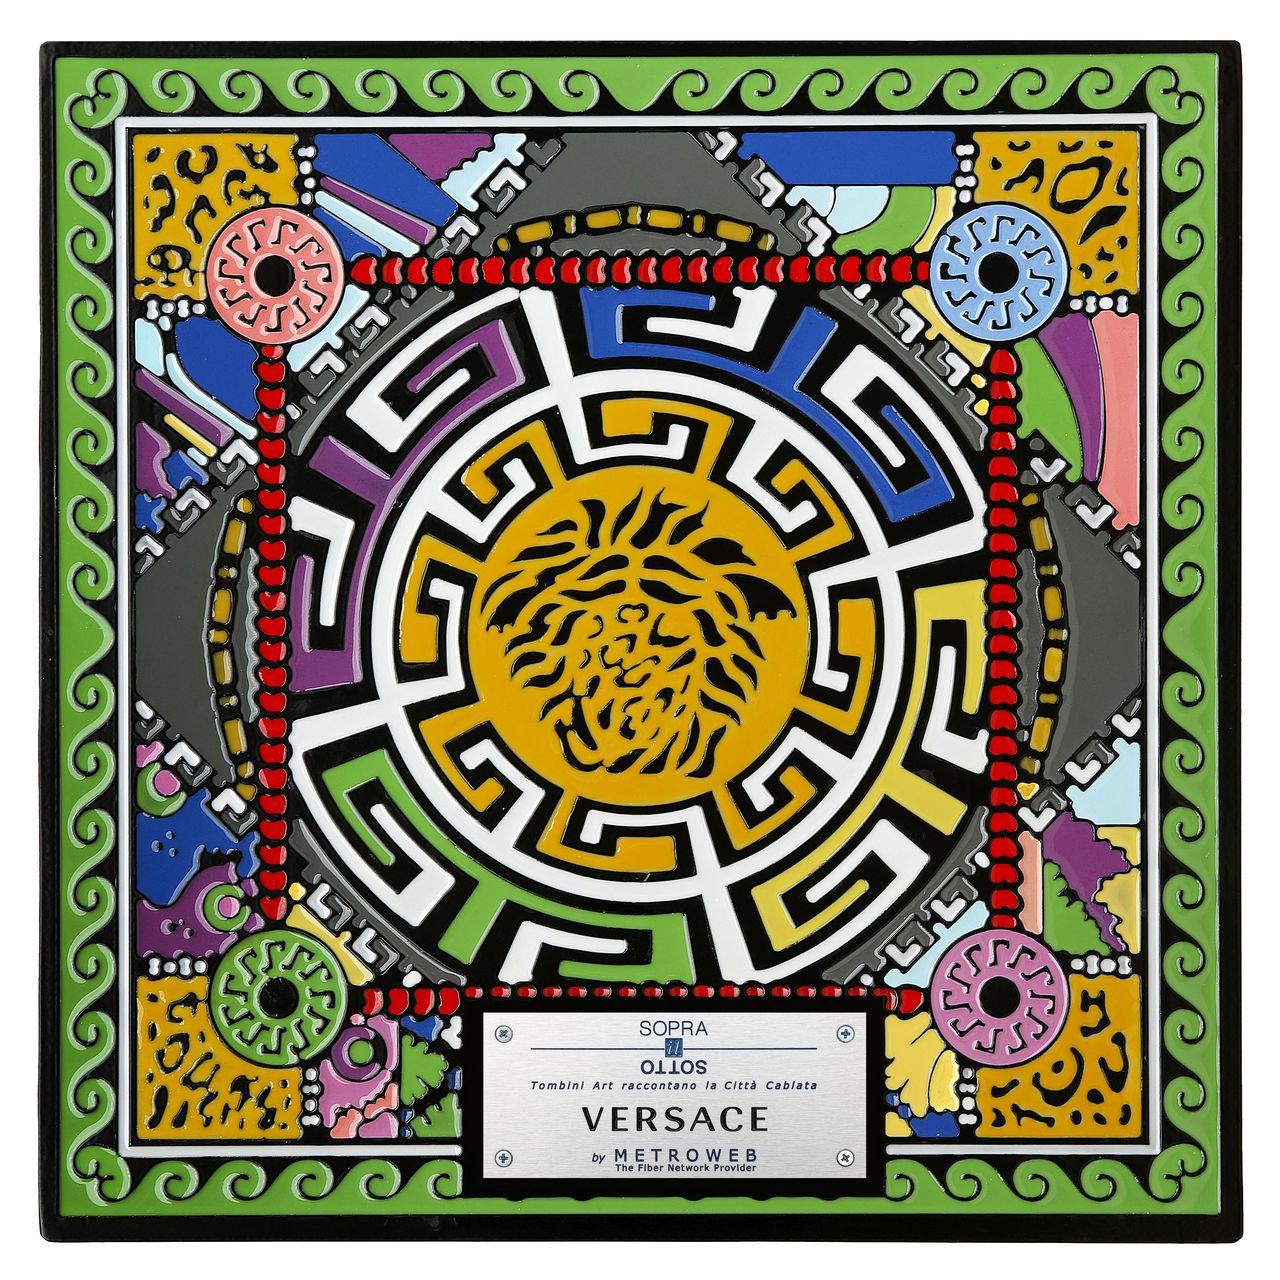 tombino art Versace, ph Sergio Caminata